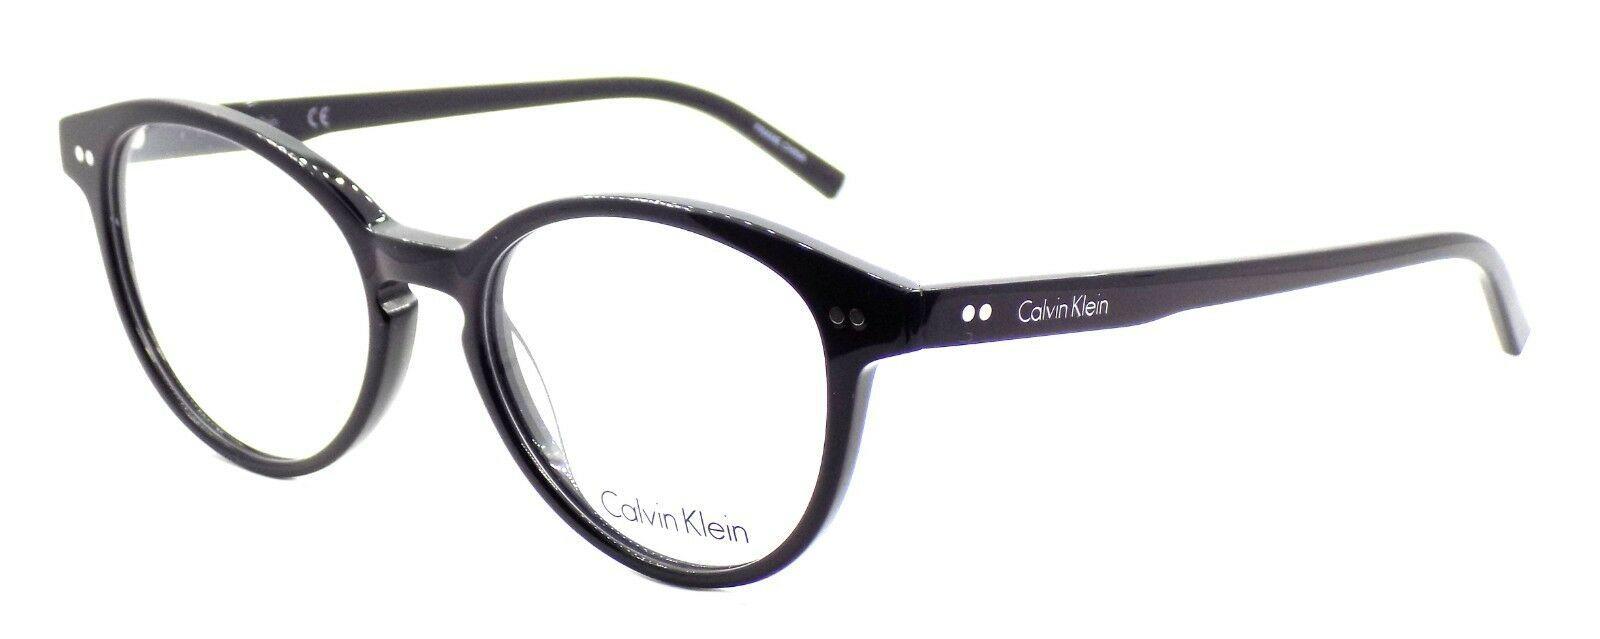 Calvin Klein CK5991 001 Women's Eyeglasses Frames Black 52-18-140 + CASE